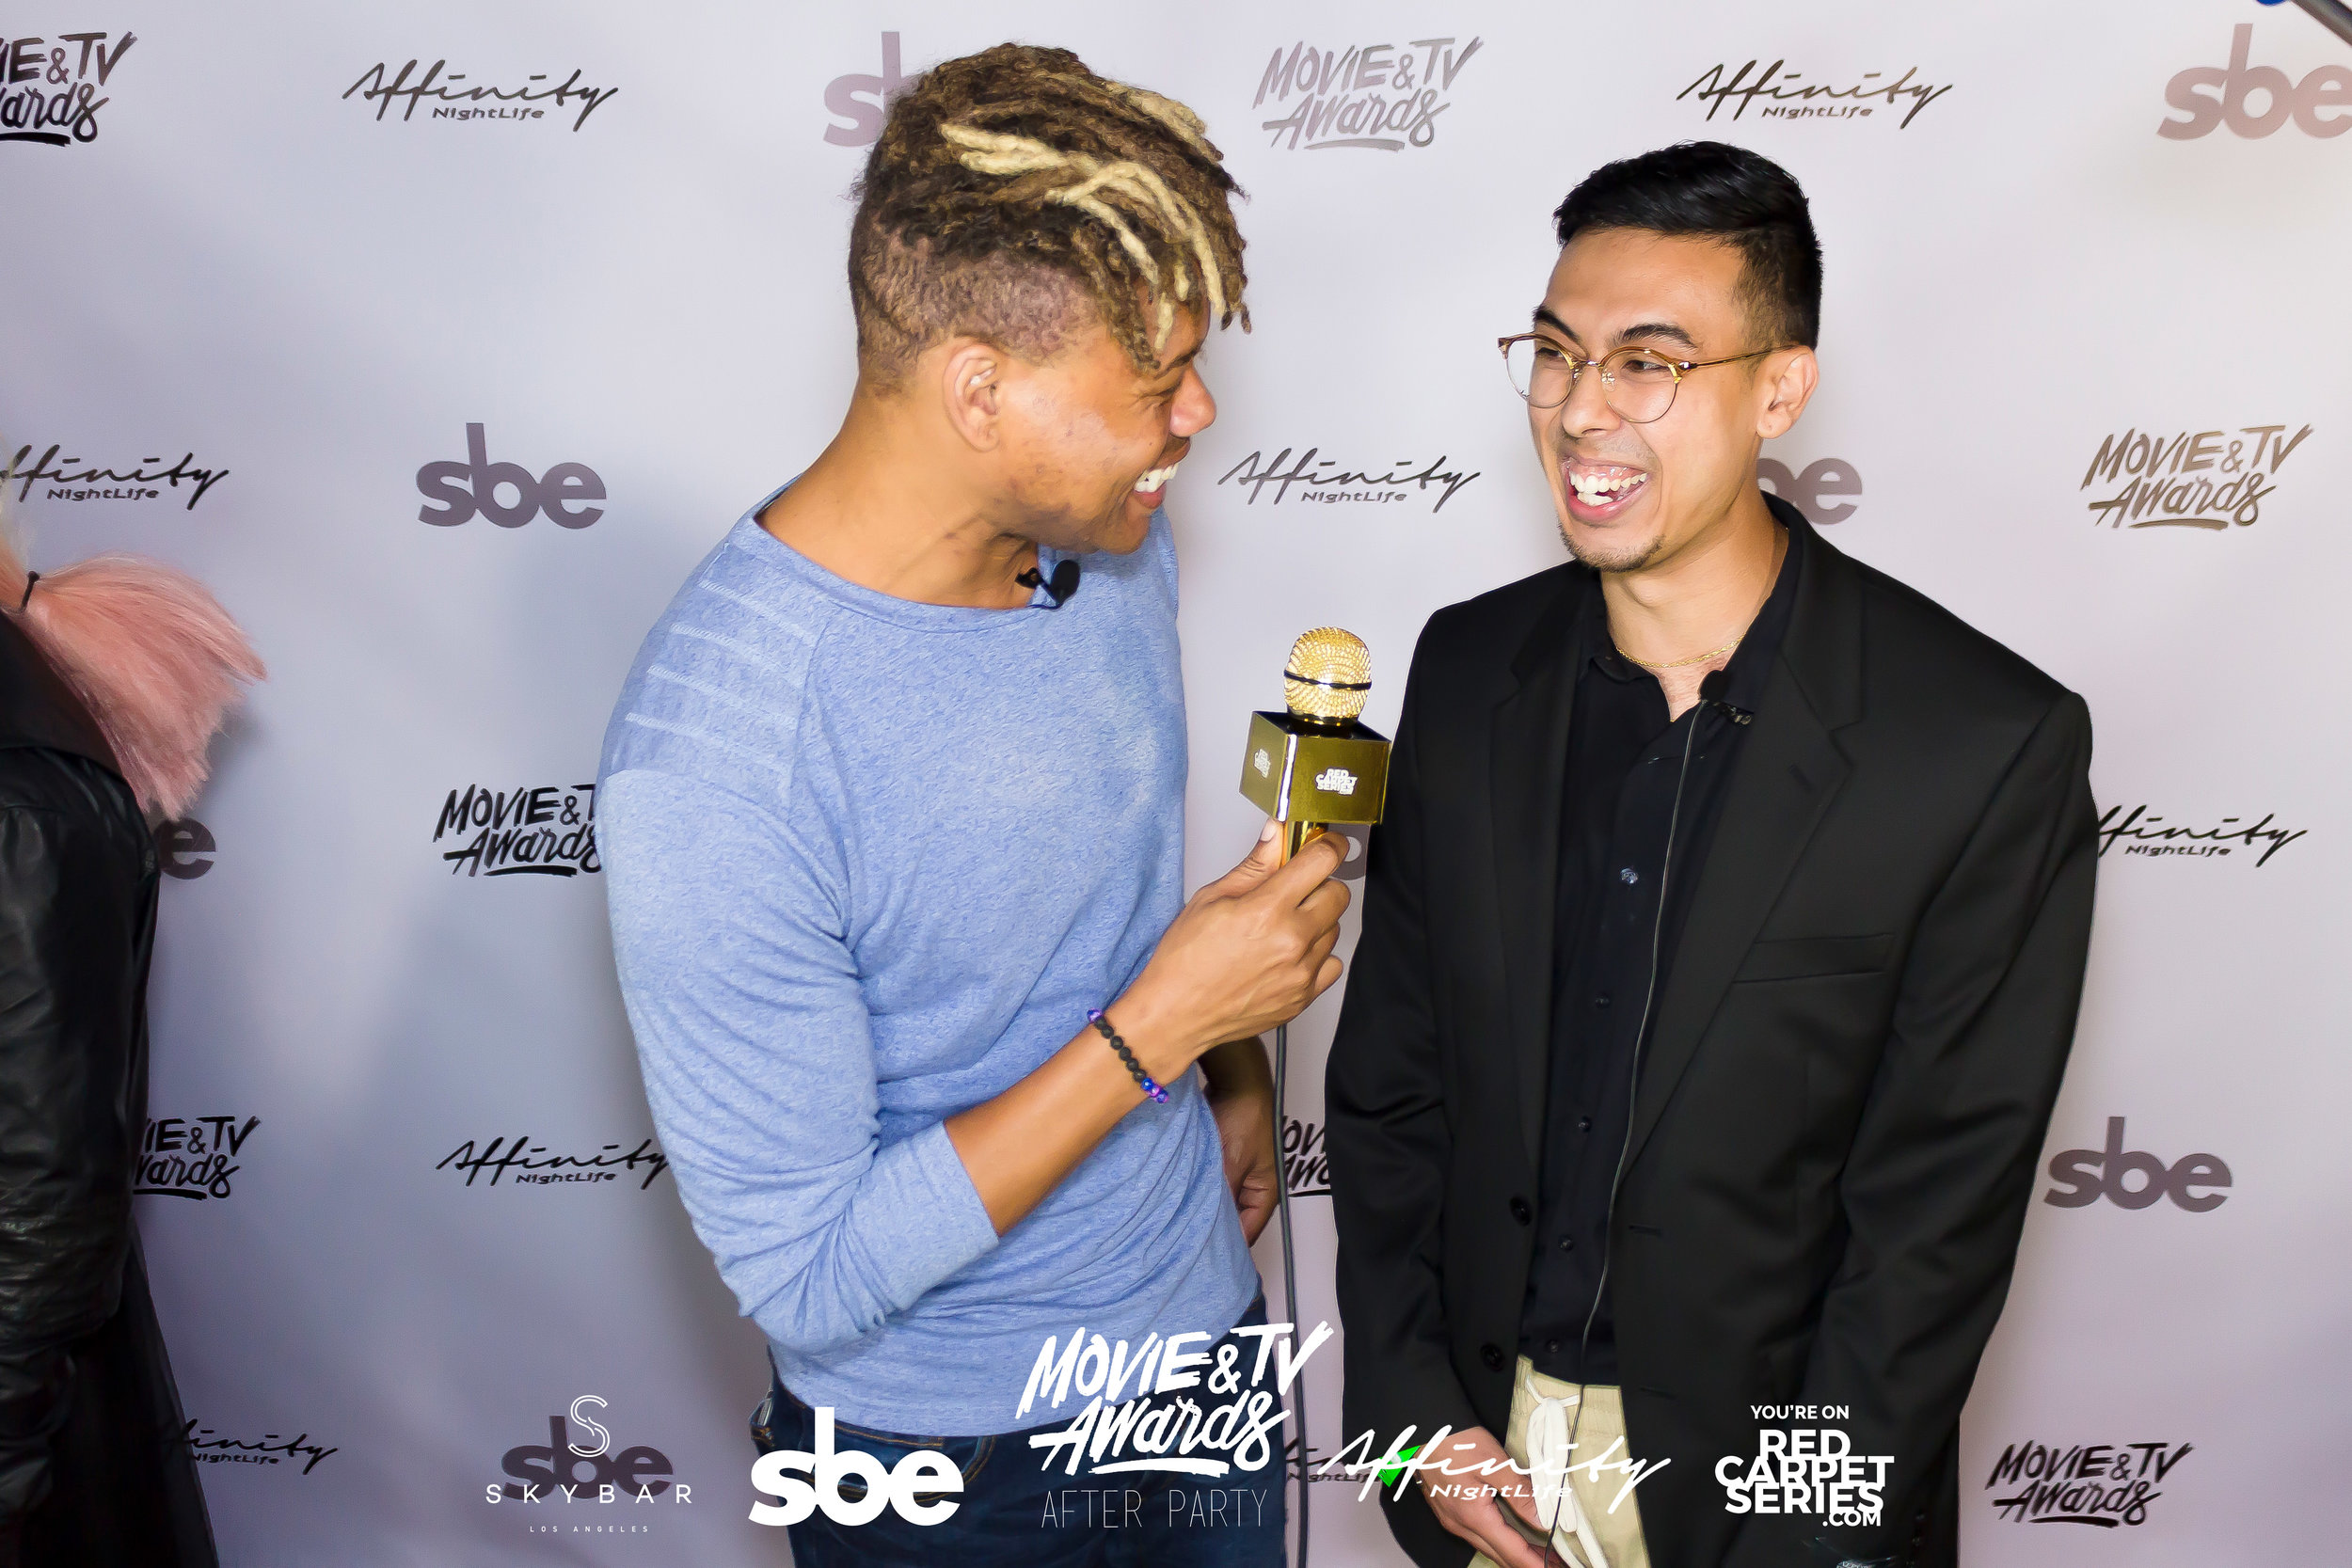 Affinity Nightlife MTV Movie & TV Awards After Party - Skybar at Mondrian - 06-15-19 - Vol. 1_77.jpg